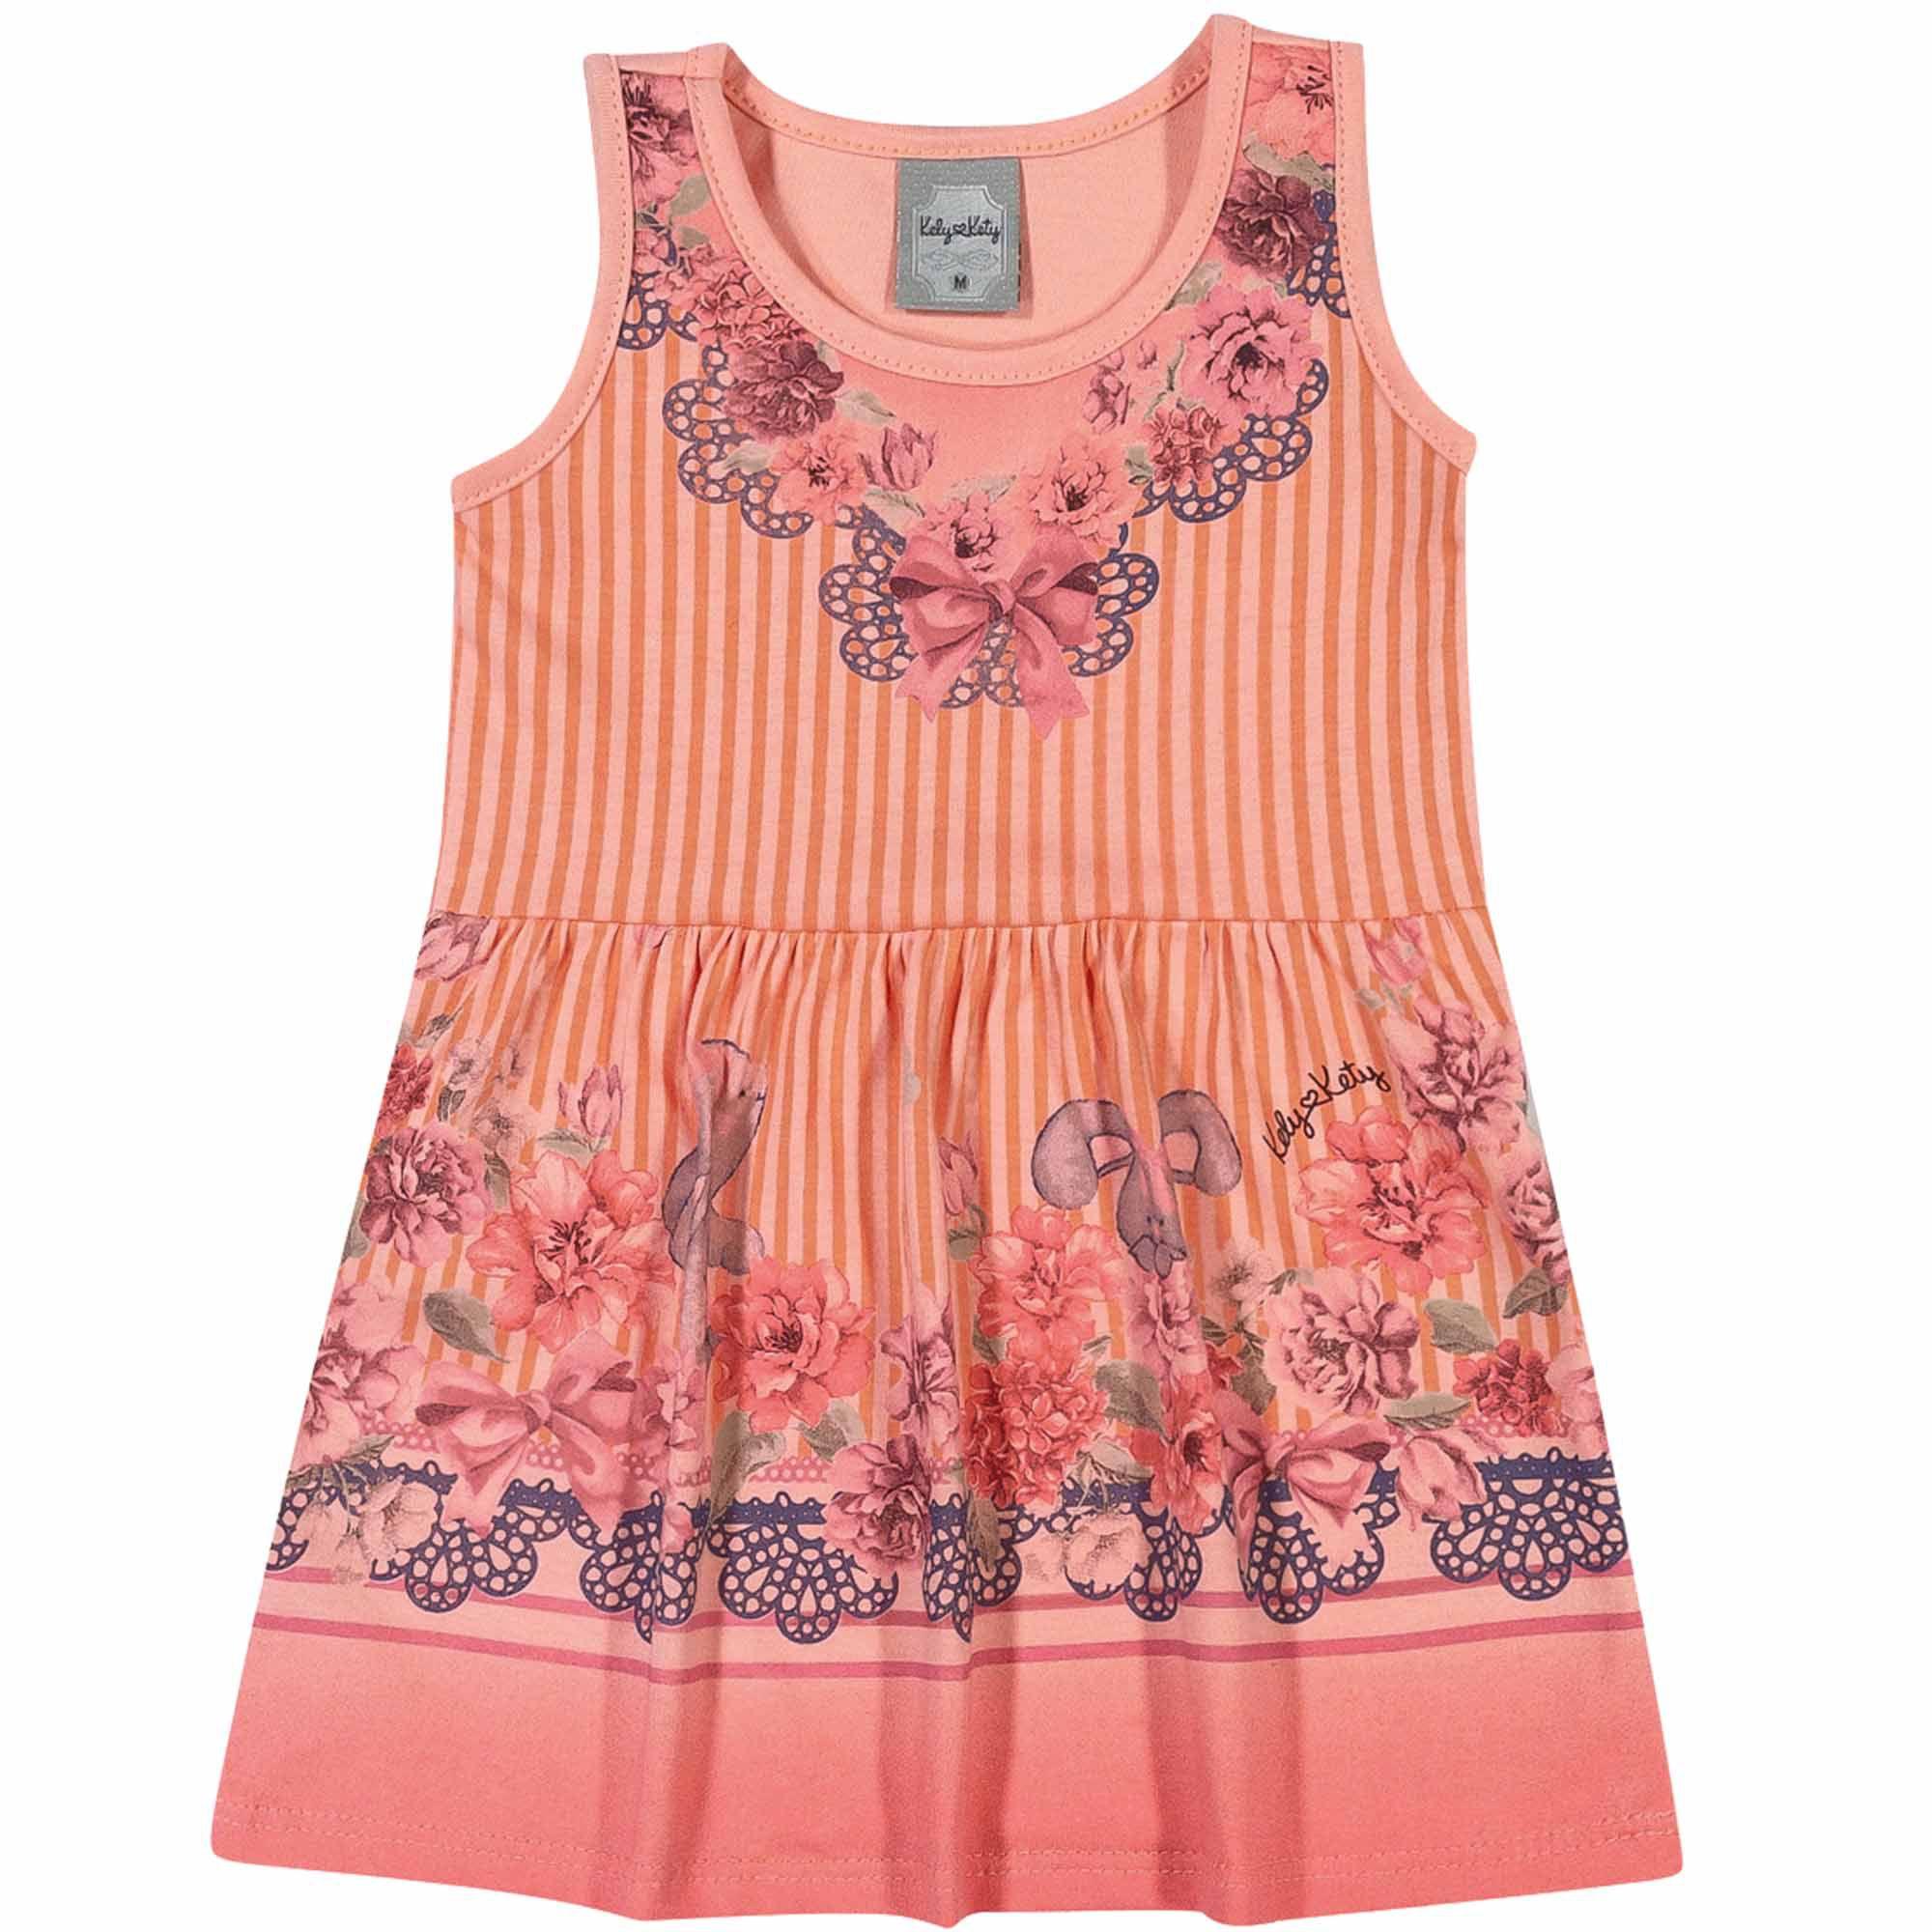 Vestido Verão Romitex Kely Kety Listras e Flores - P ao G